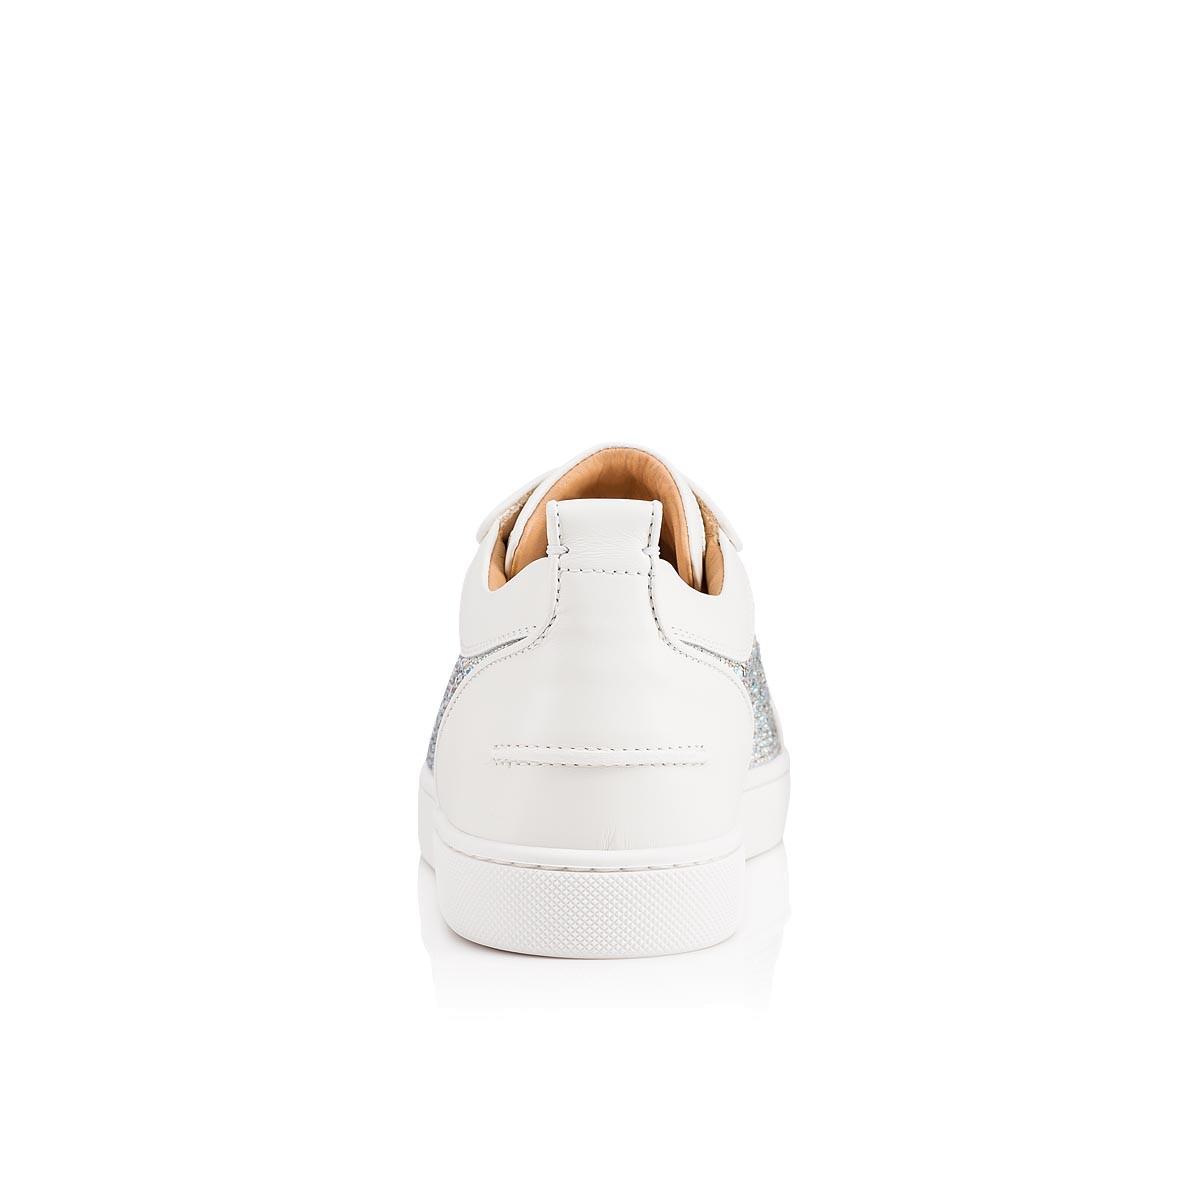 Women Shoes - Louis Junior Strass - Christian Louboutin